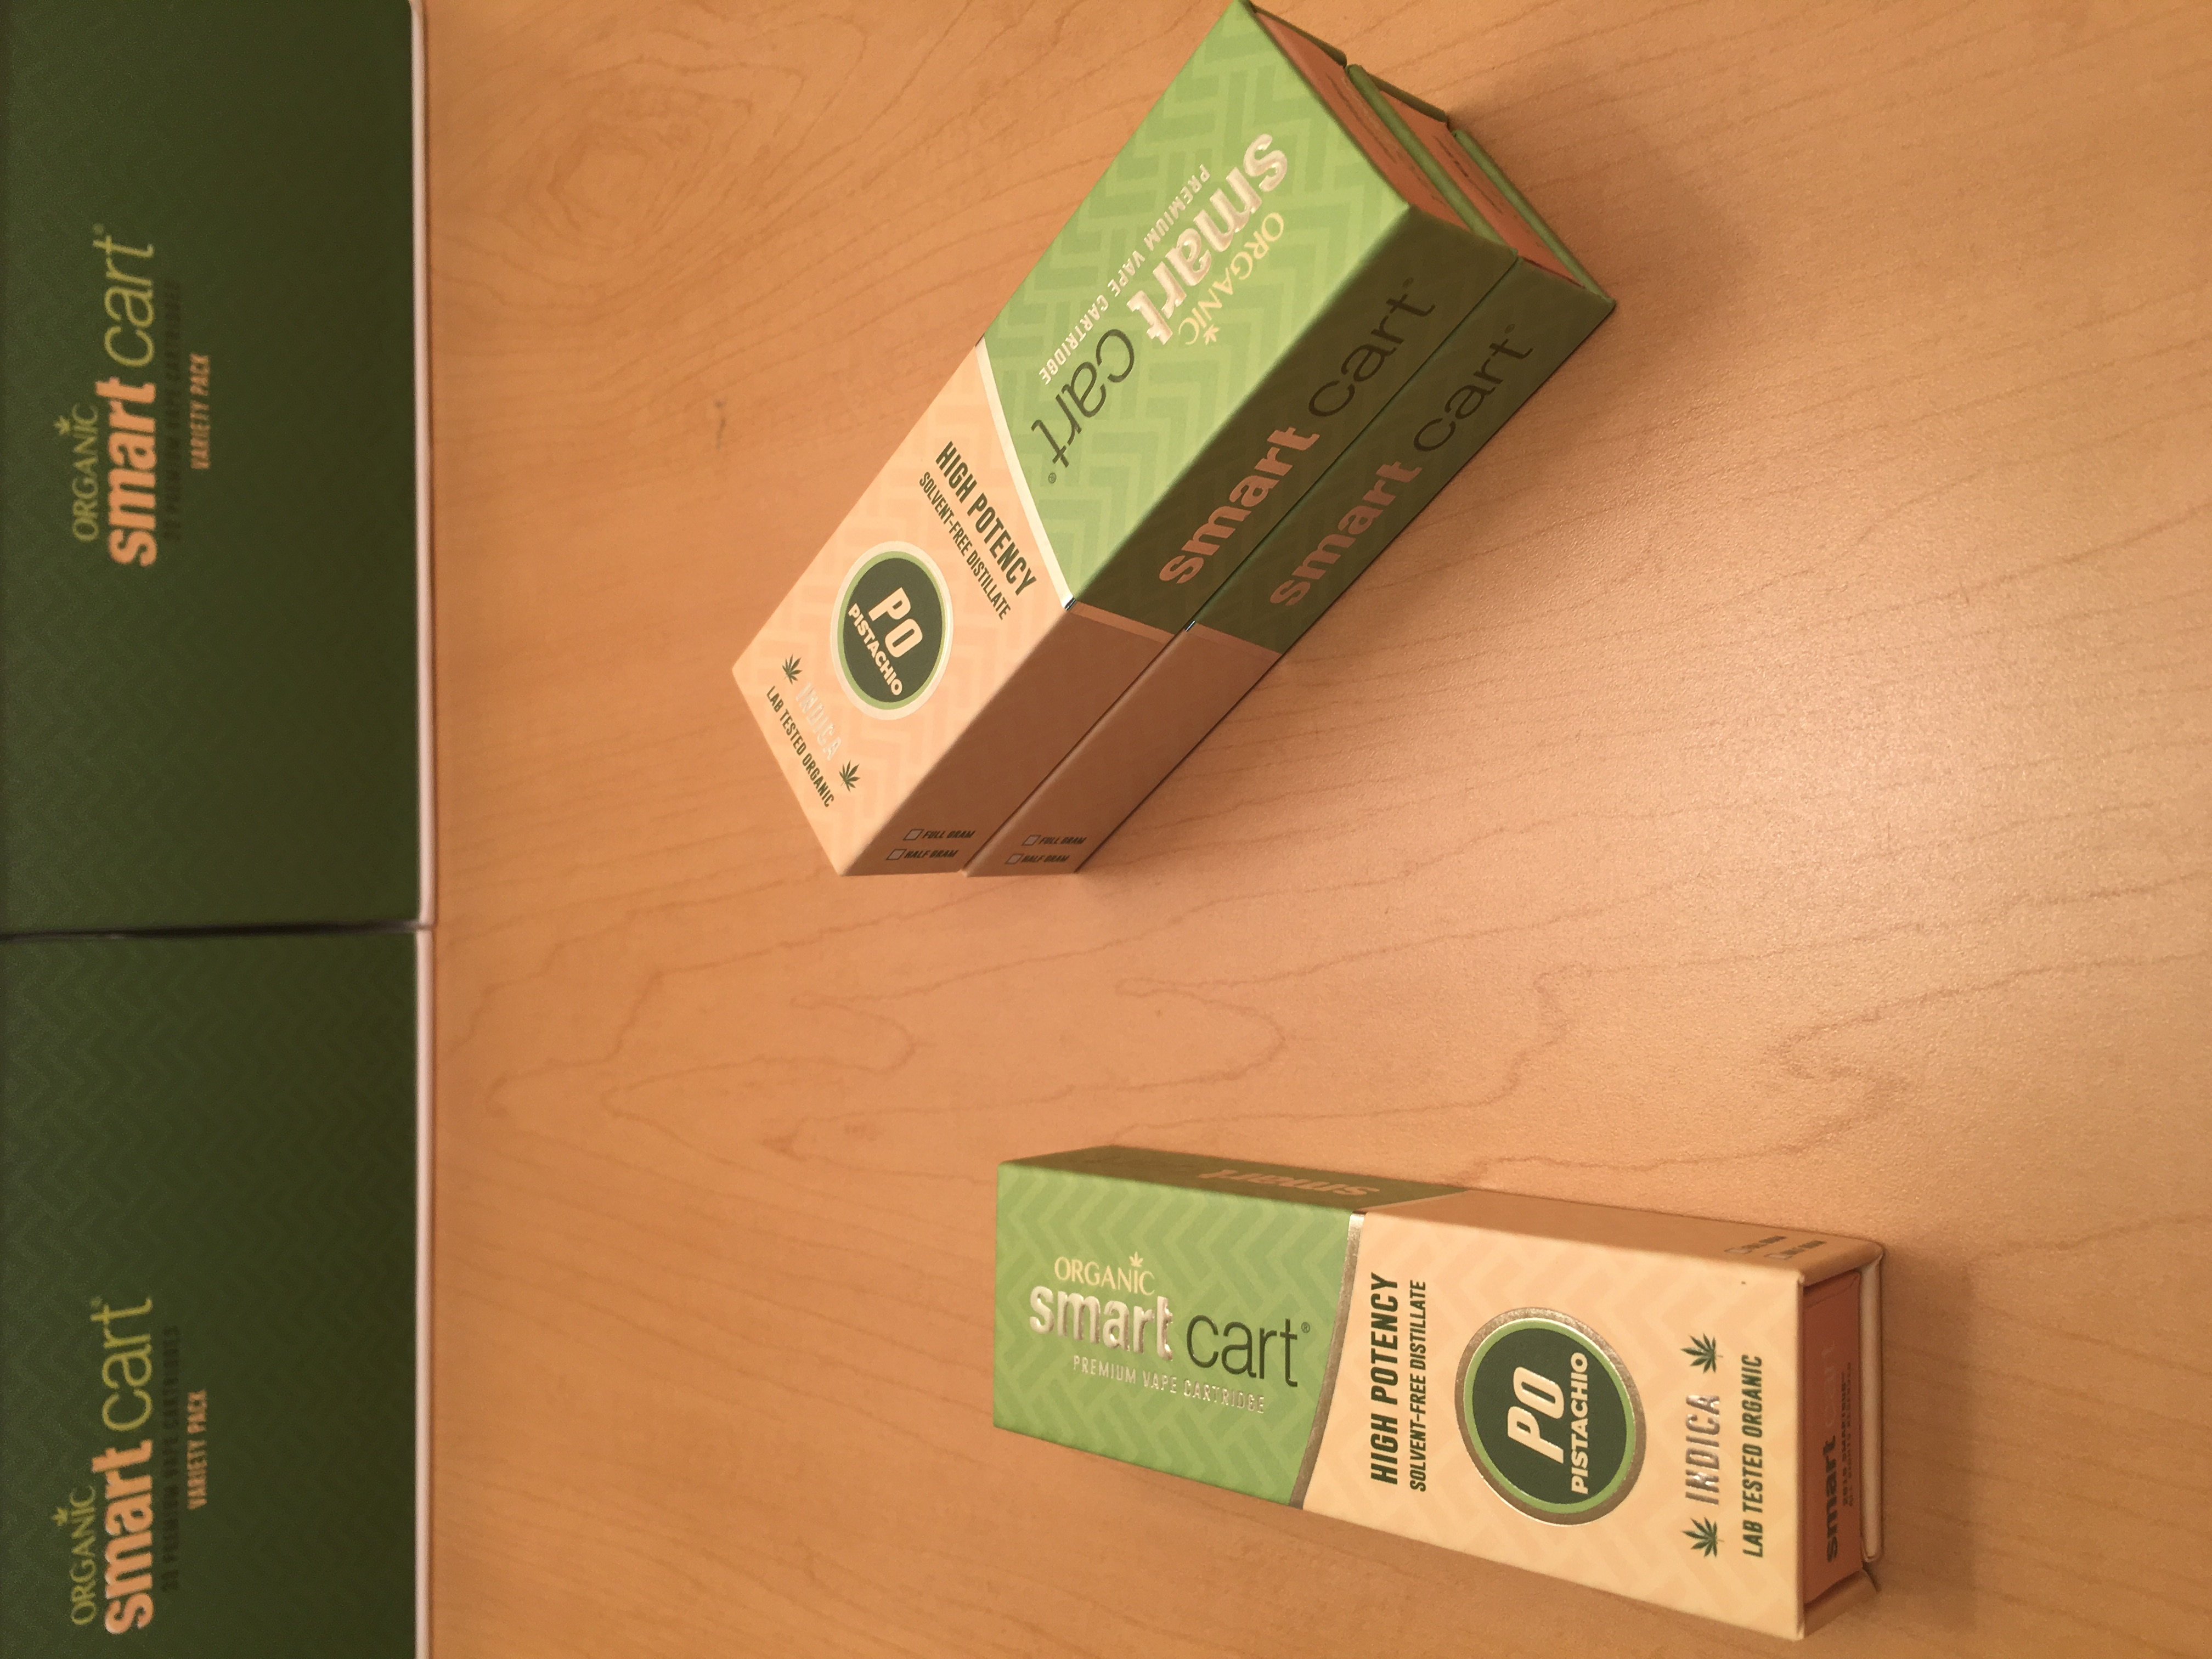 SmartCart 1G Vape Cart - Pistachio | Cannabis Menus By Rare Harvest